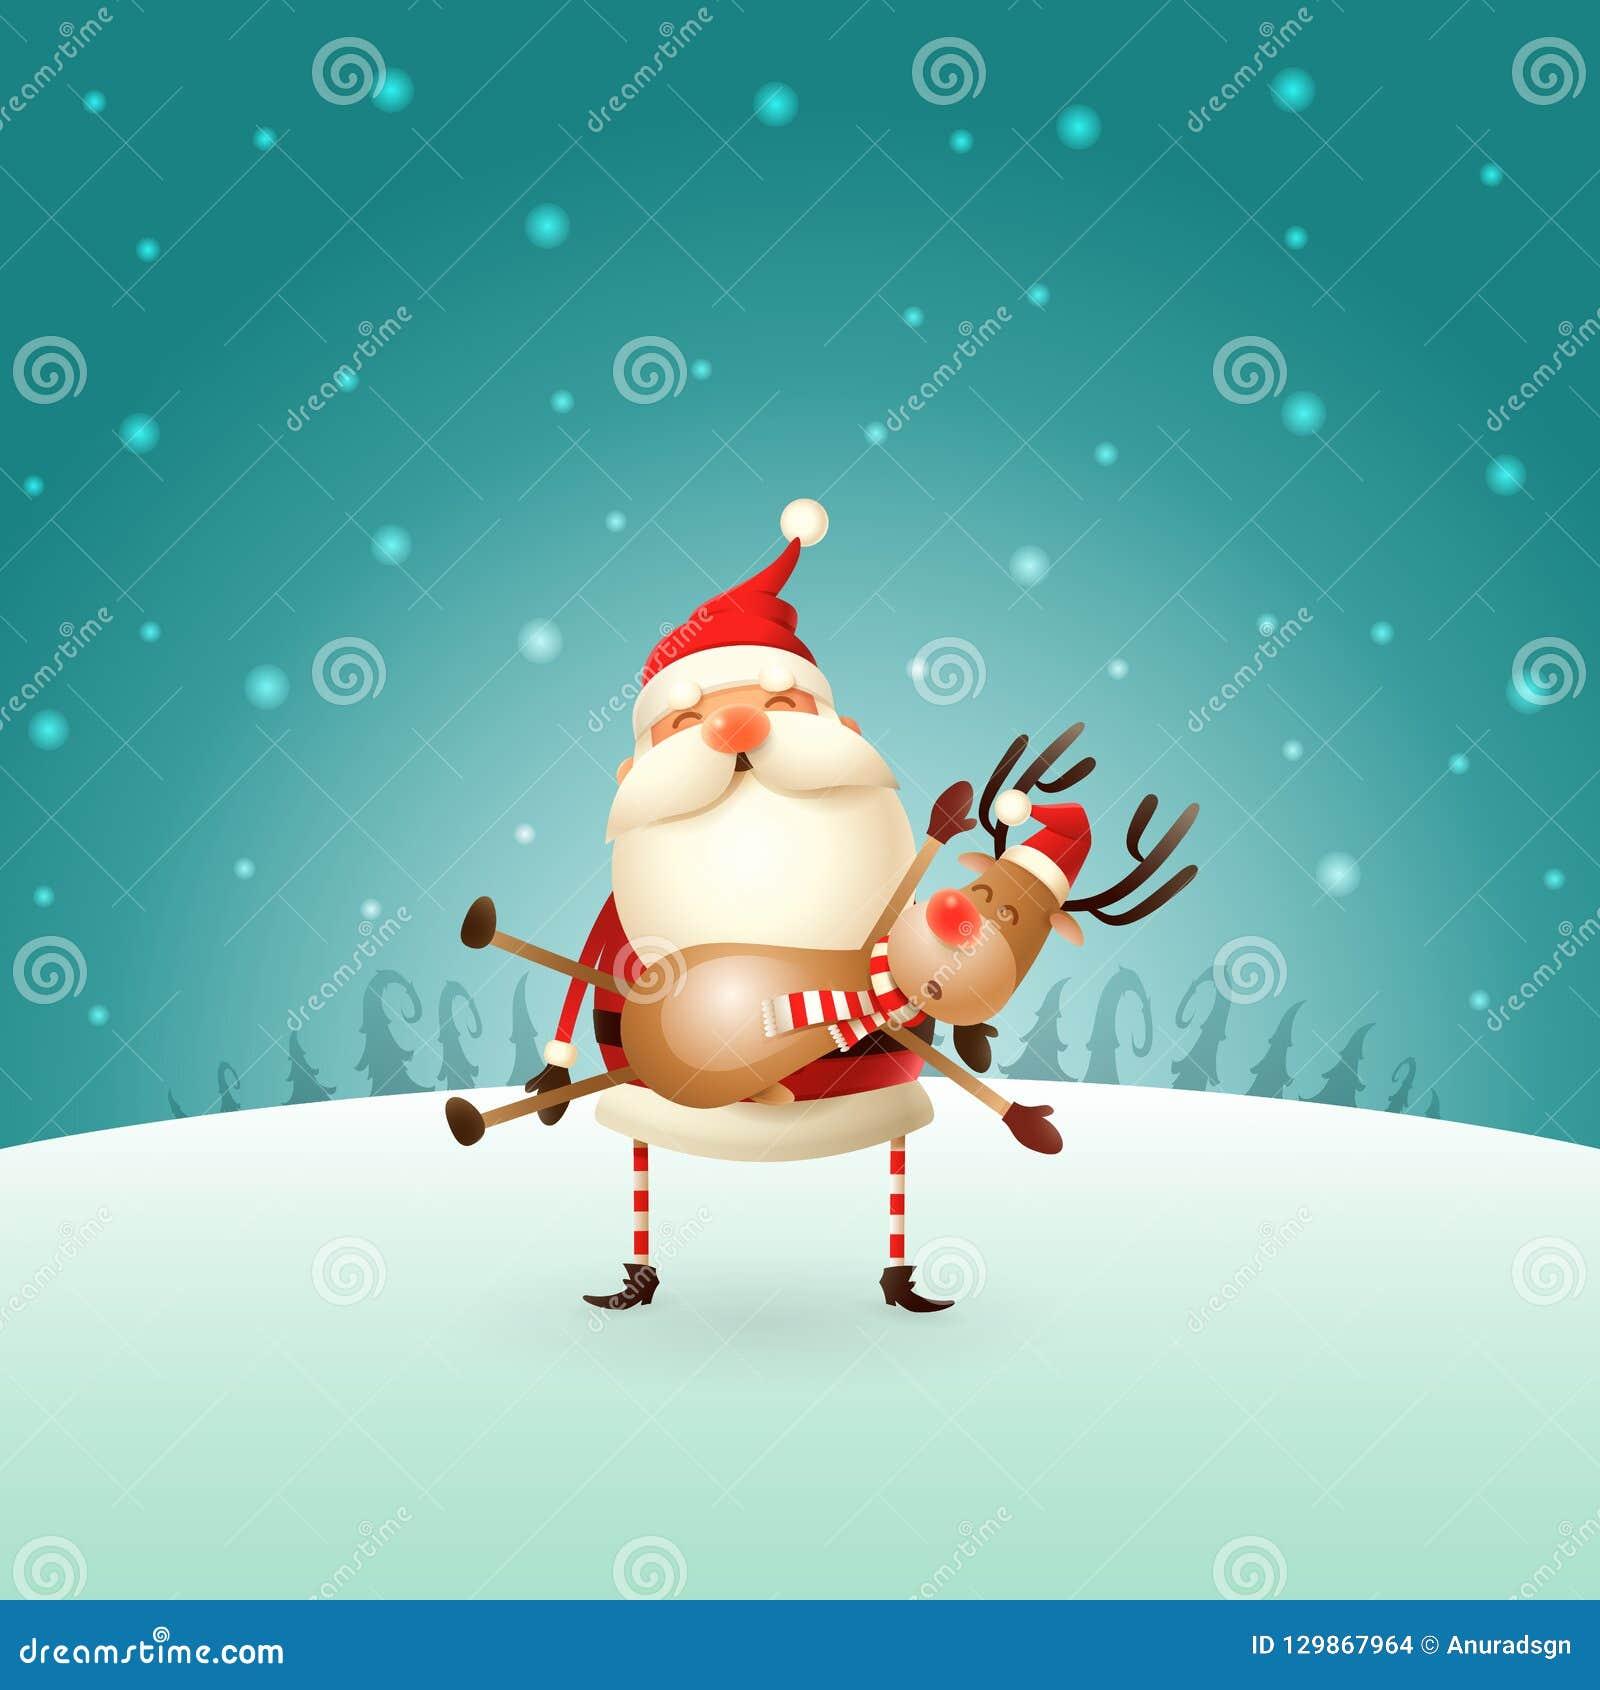 Santa Claus trägt ein Ren auf seinen Händen - Winterlandschaft - Weihnachtskarte